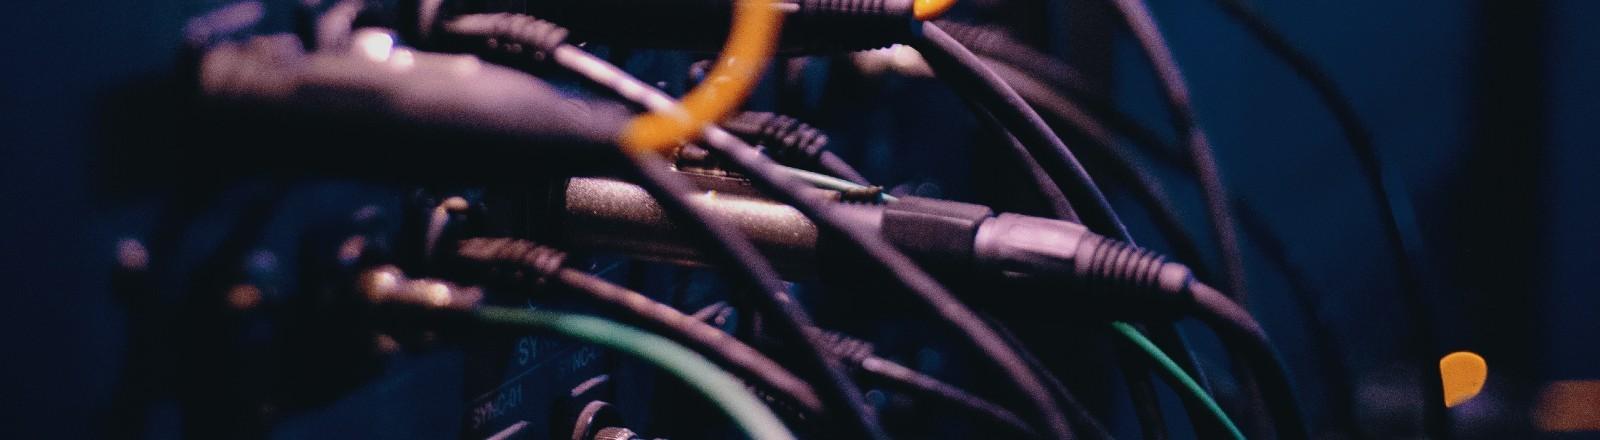 Kabel, die von einem Server weghängen